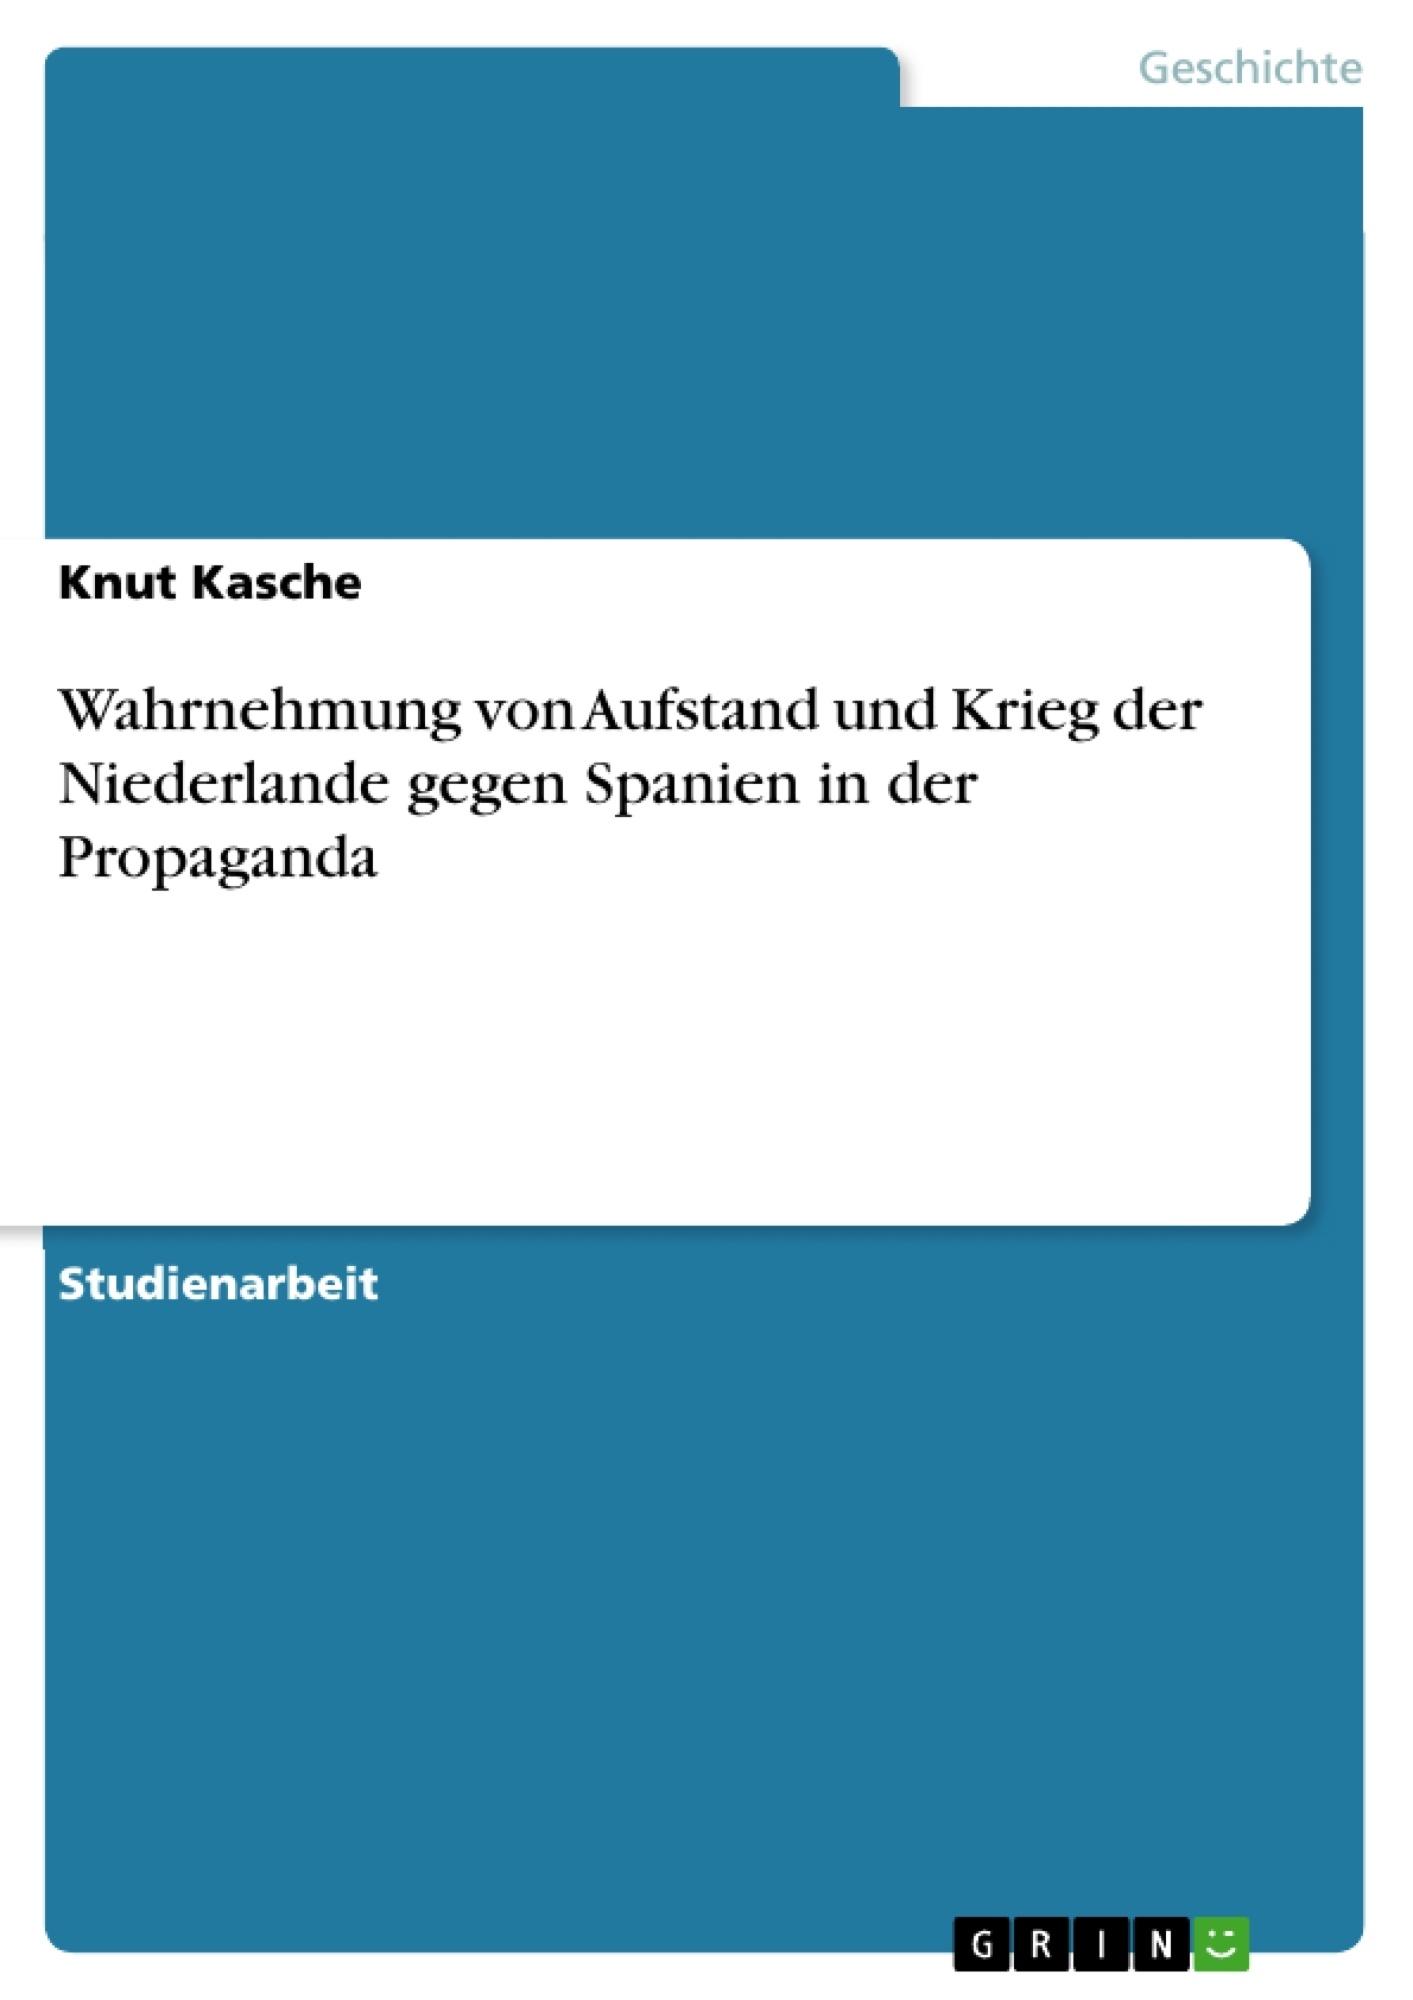 Titel: Wahrnehmung von Aufstand und Krieg der Niederlande gegen Spanien in der Propaganda